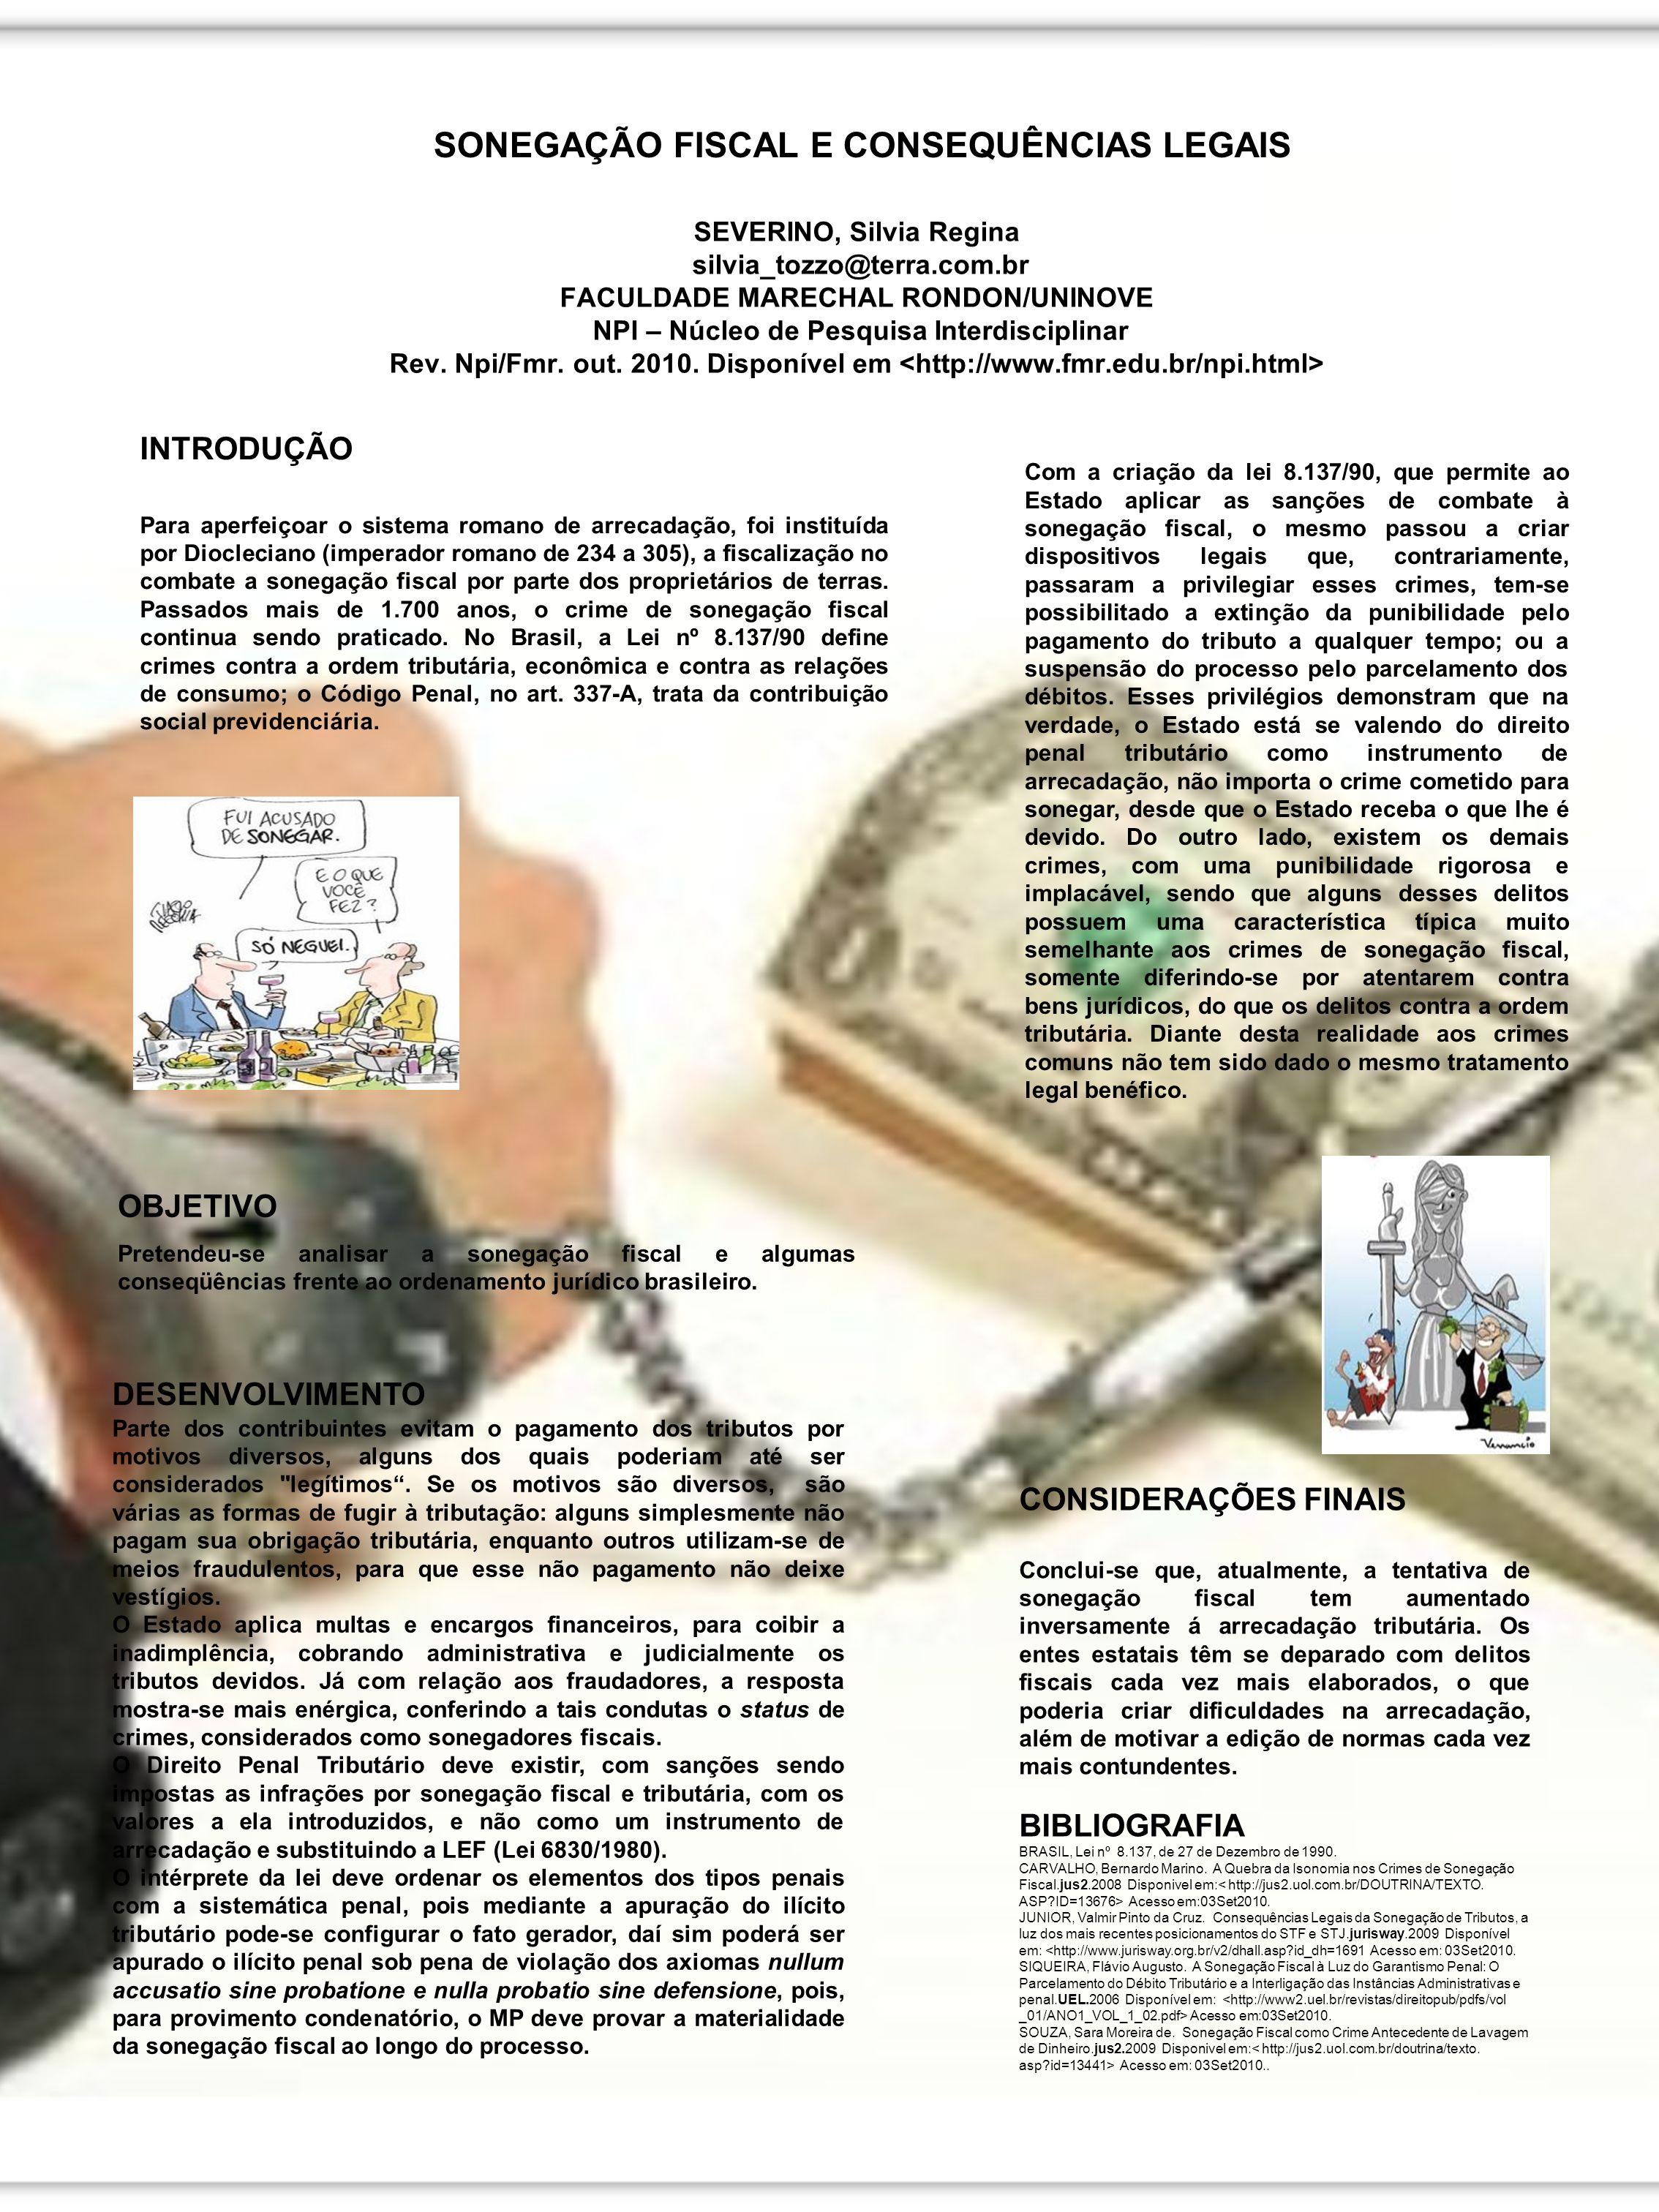 SONEGAÇÃO FISCAL E CONSEQUÊNCIAS LEGAIS SEVERINO, Silvia Regina silvia_tozzo@terra.com.br FACULDADE MARECHAL RONDON/UNINOVE NPI – Núcleo de Pesquisa I